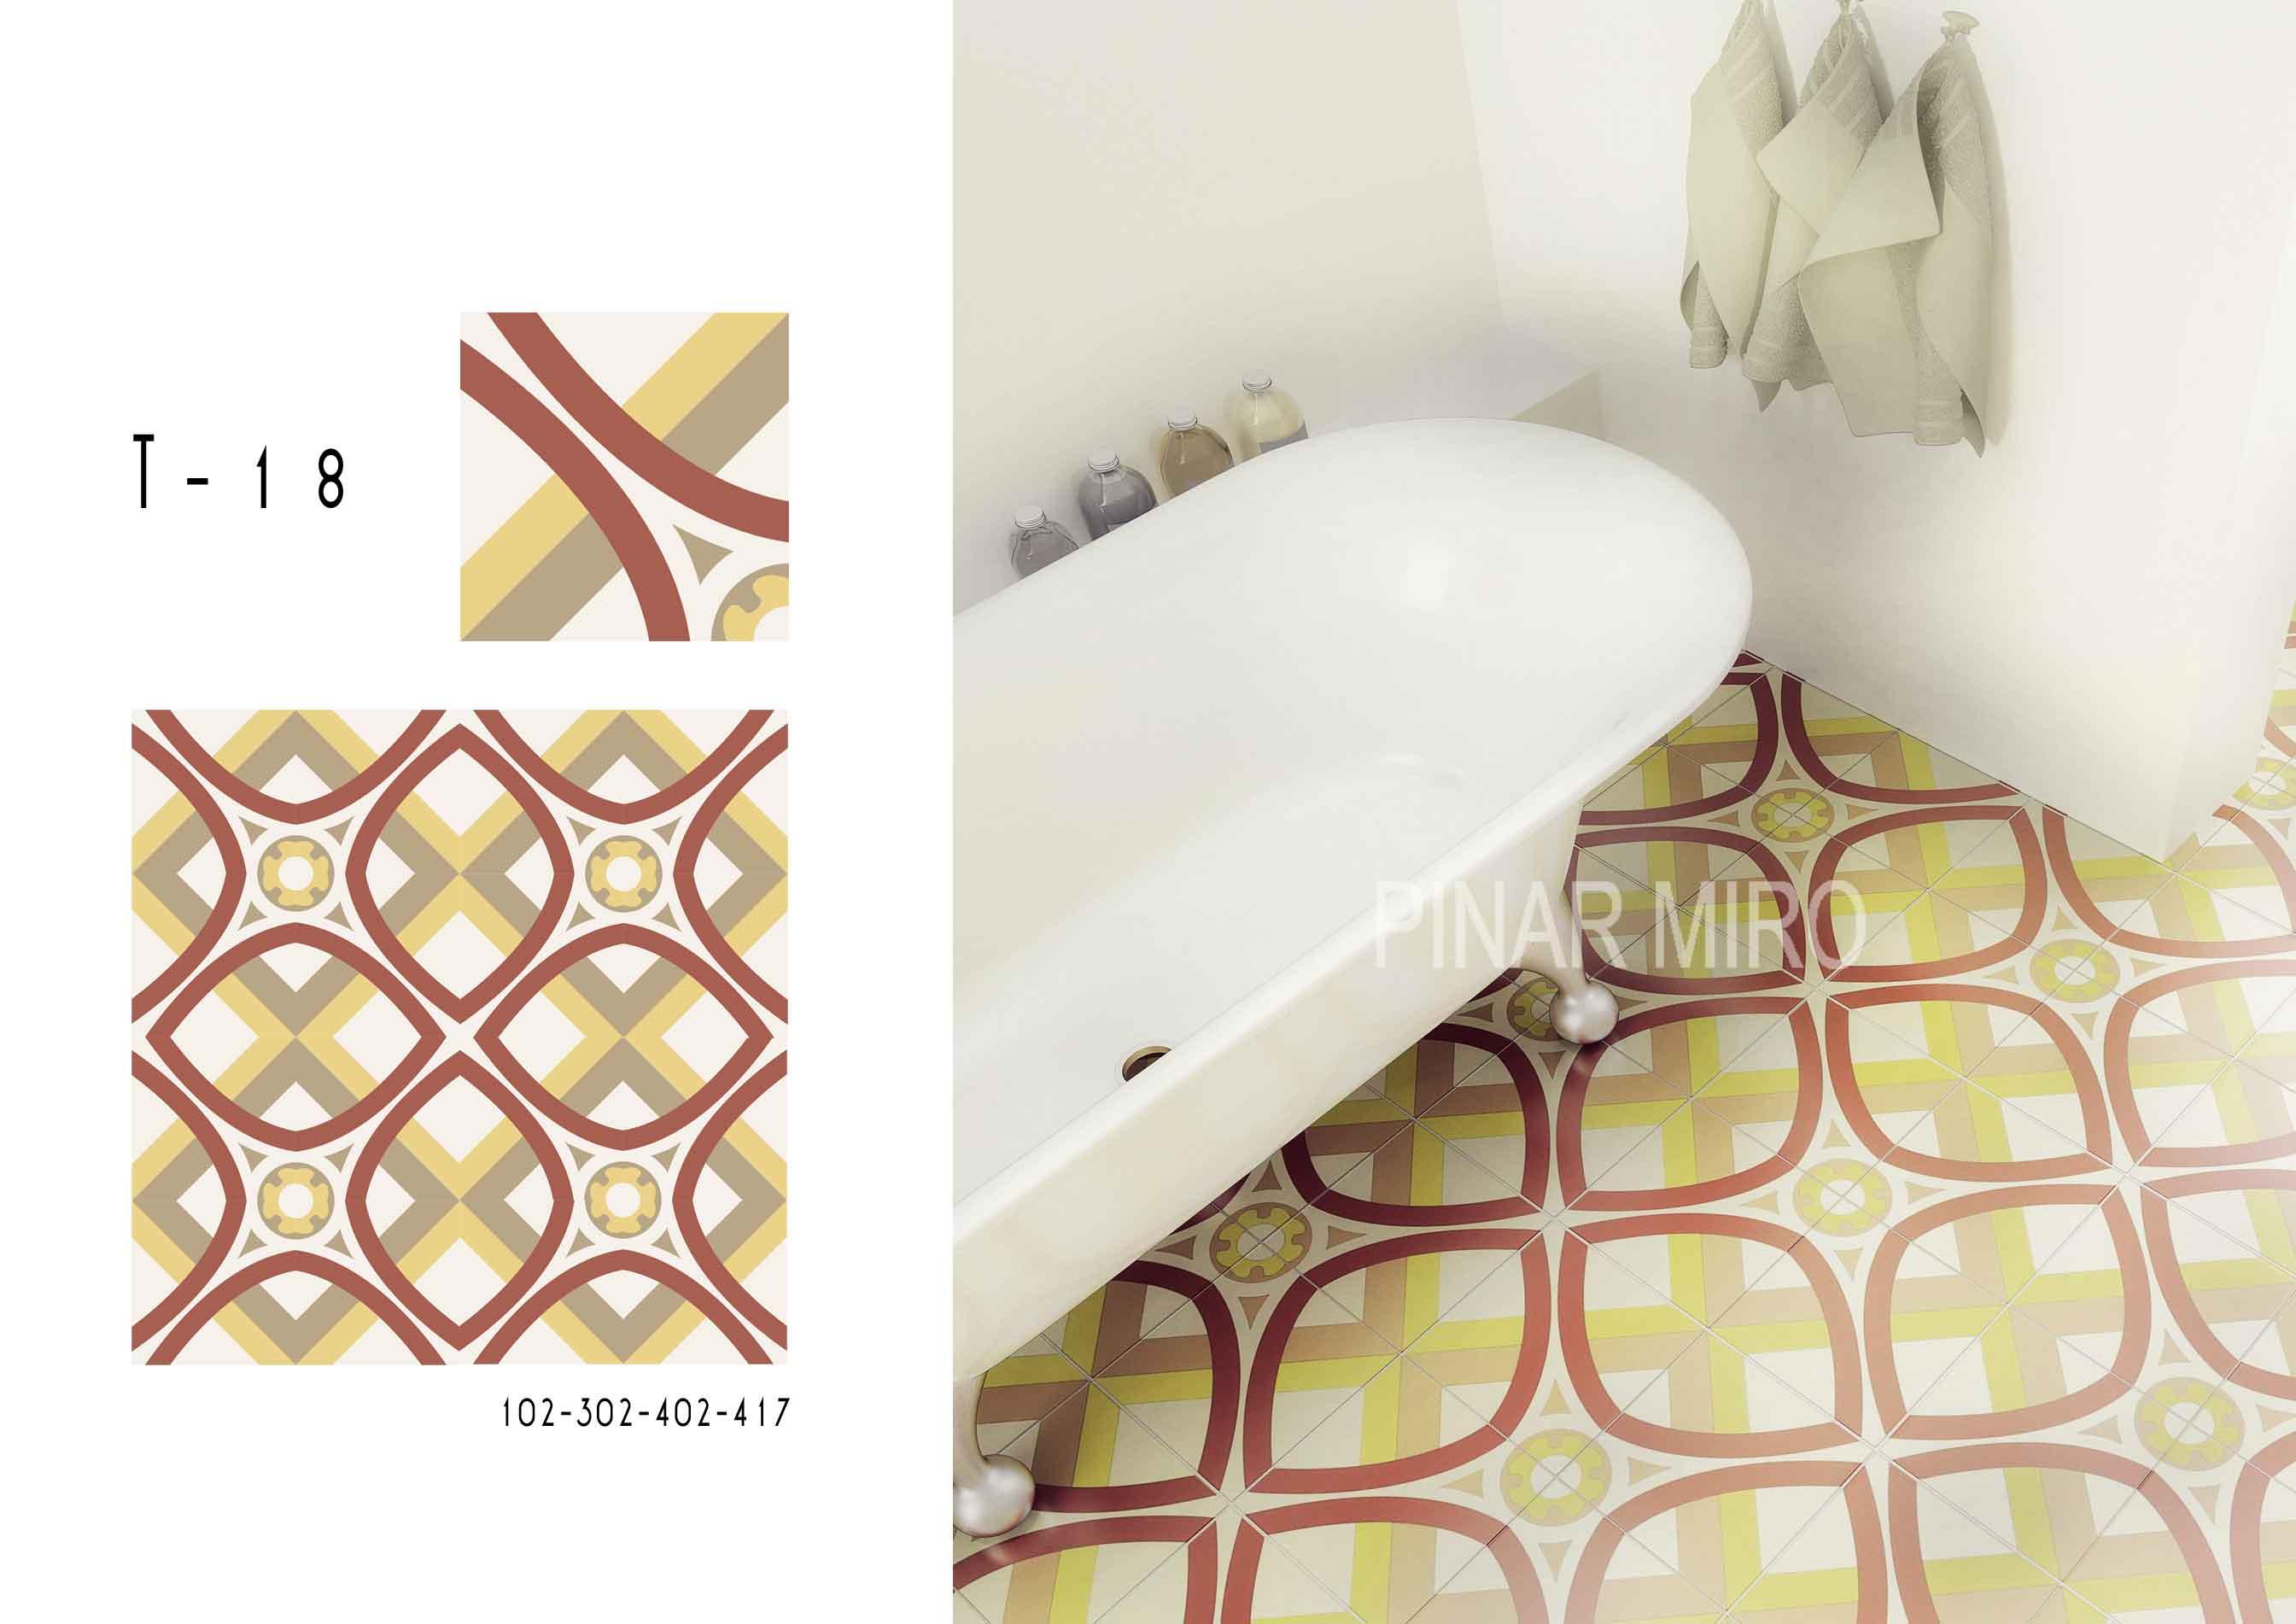 1t018-pinar-miro-cement-tiles